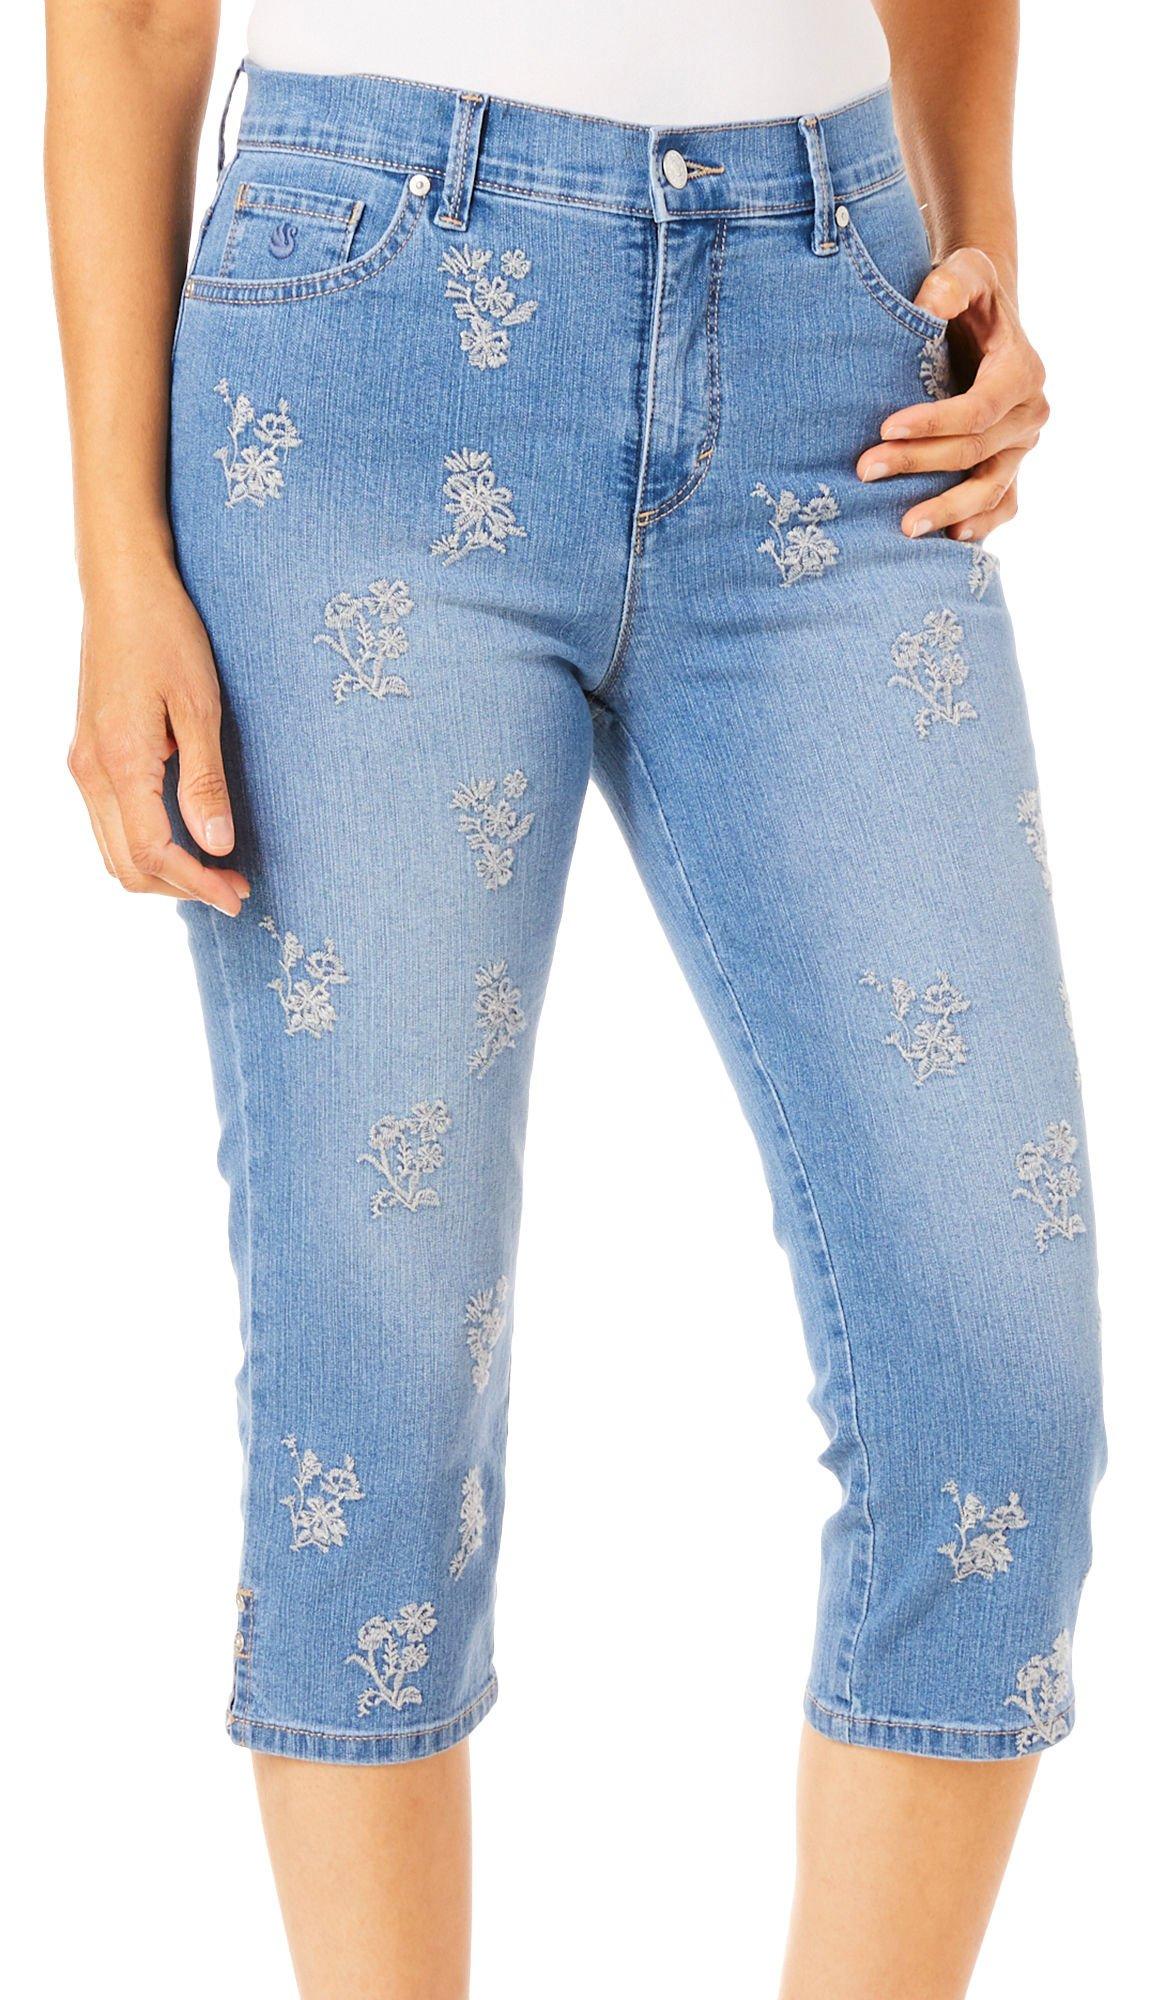 Gloria Vanderbilt Petite Amanda Embroidered Floral Capris 14P Trento Blue